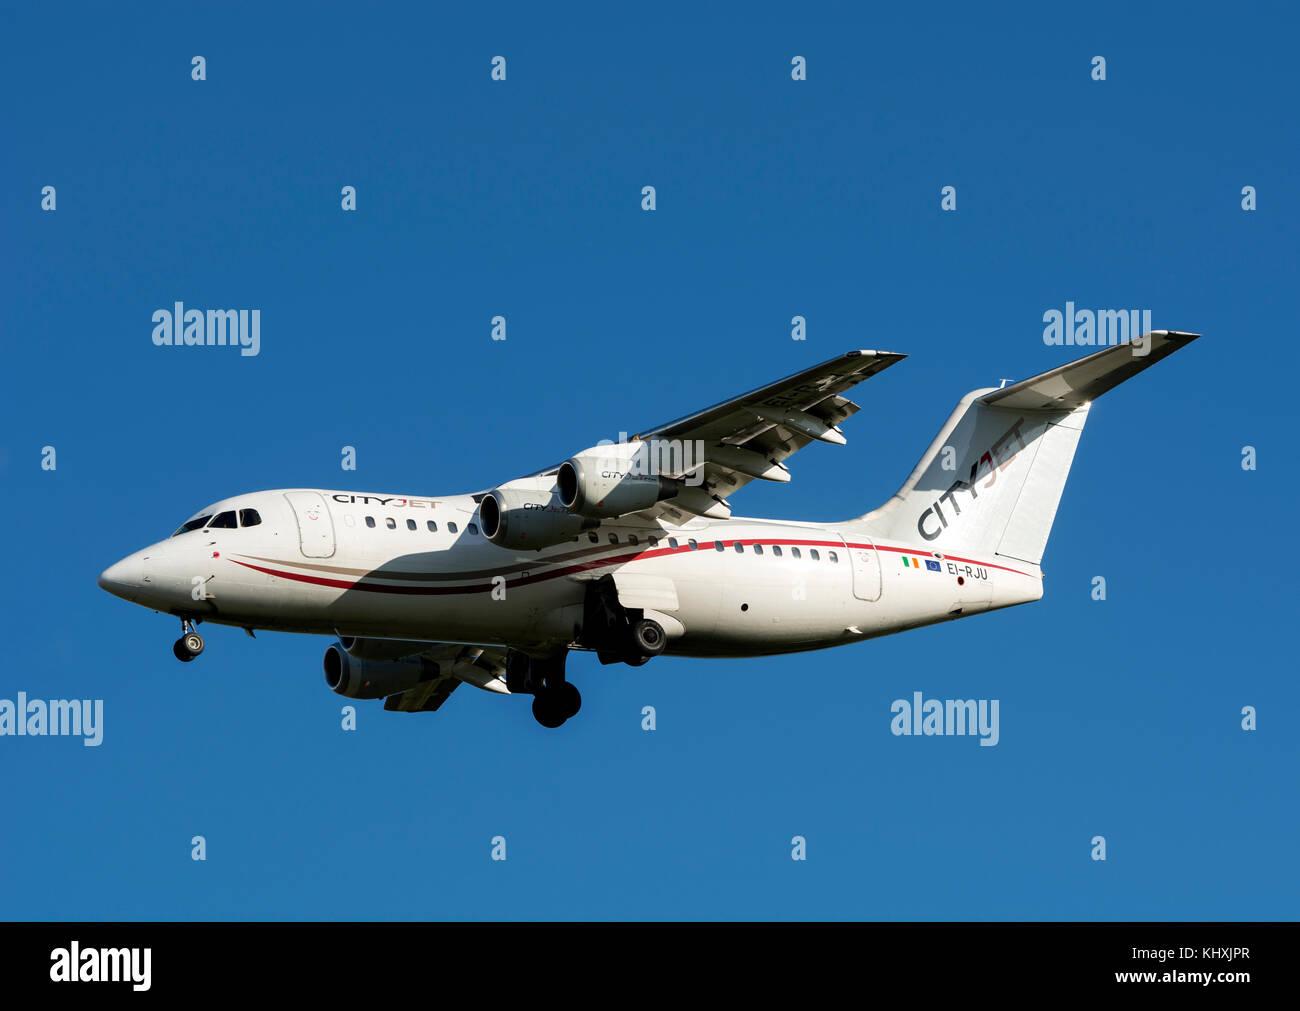 Cityjet Avro RJ85 landing at Birmingham Airport, UK (EI-RJU) - Stock Image